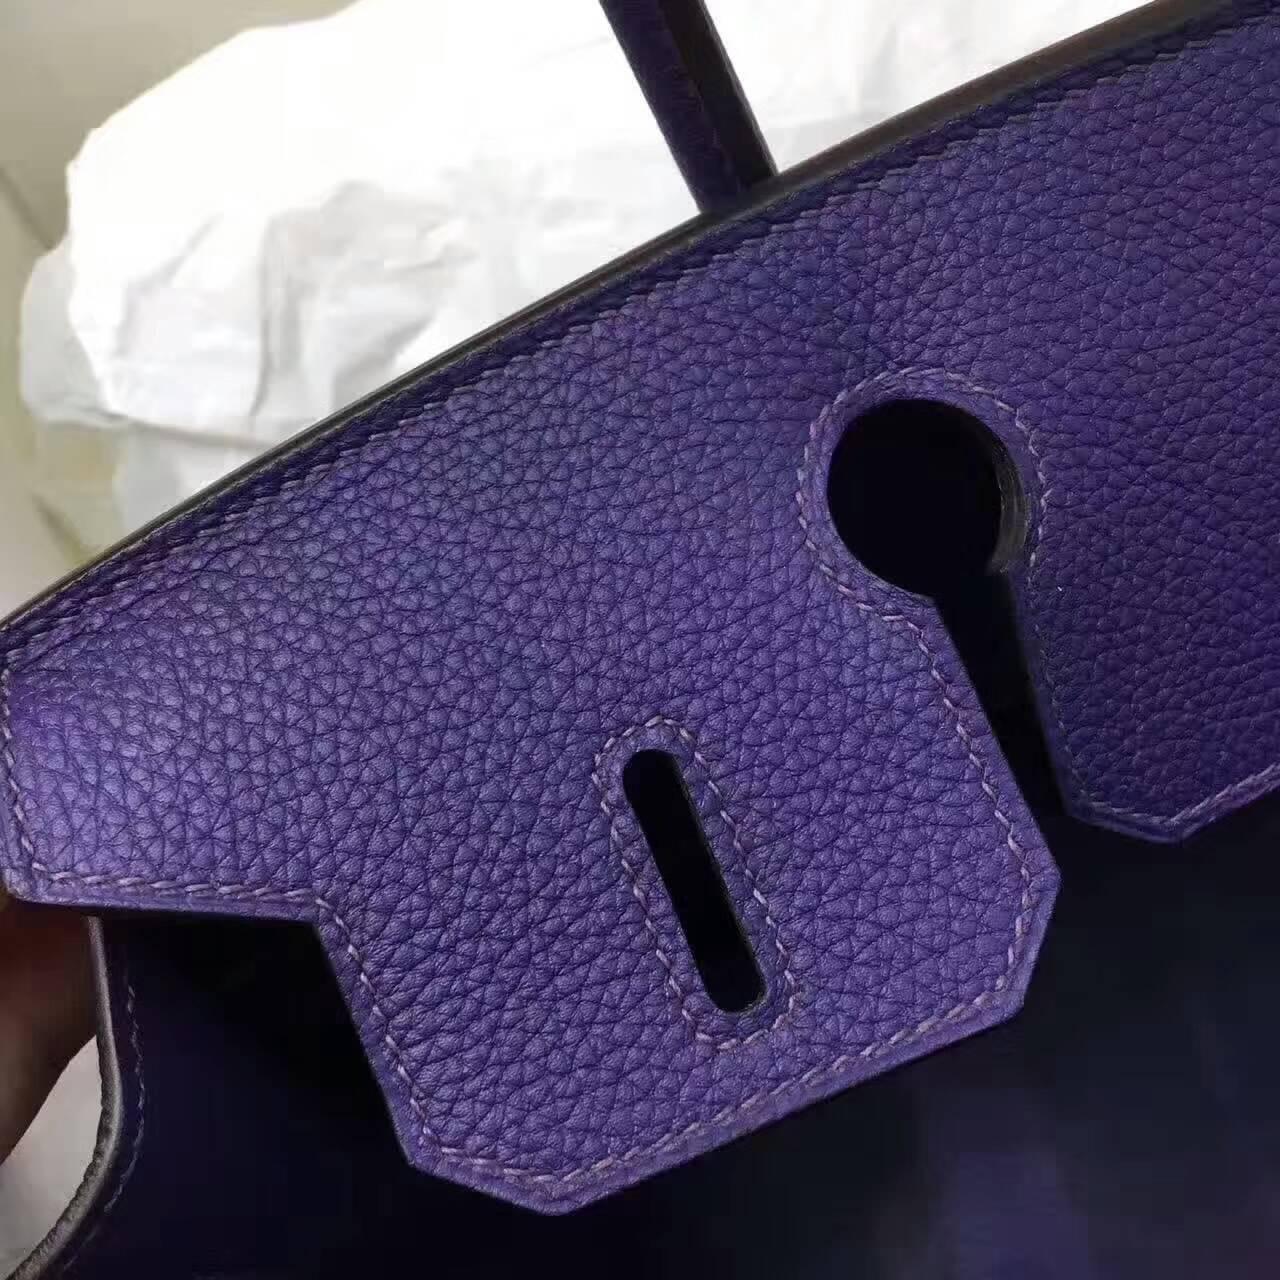 爱马仕铂金包 Birkin 30cm Togo 法国原产小牛皮 9K Lris 鸢尾花紫 紫罗兰 金扣